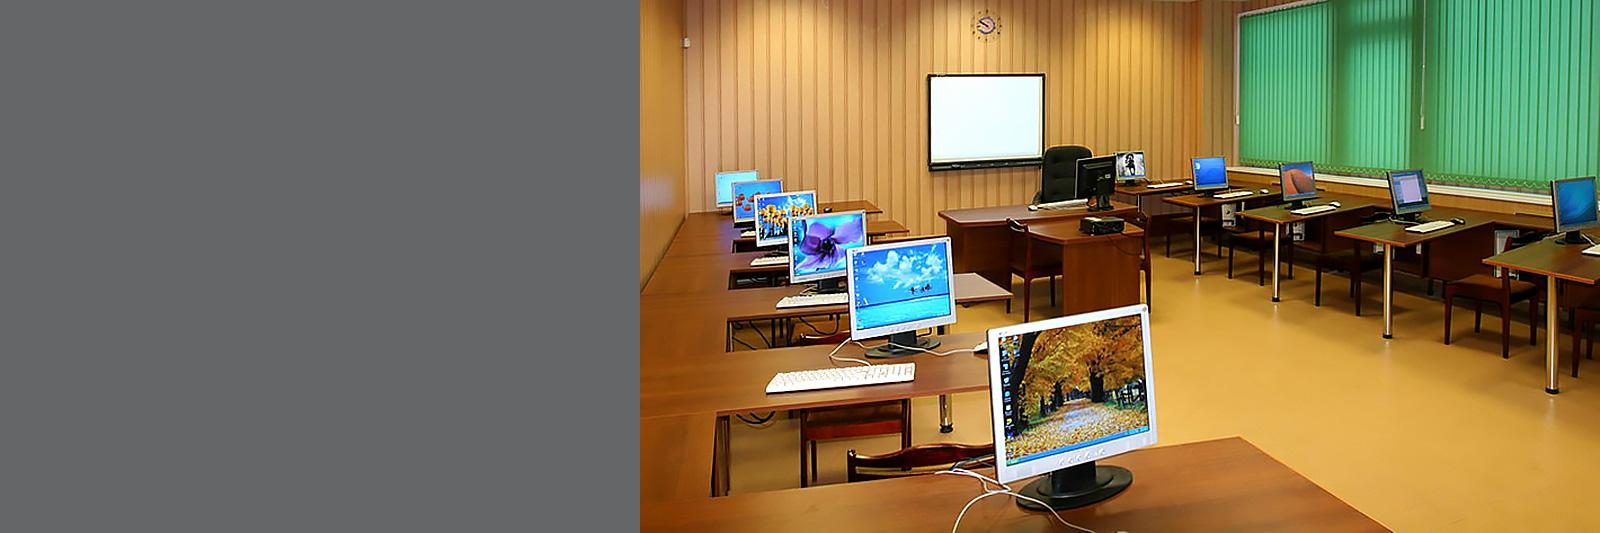 Компьютерный класс по индивидуальному заказу